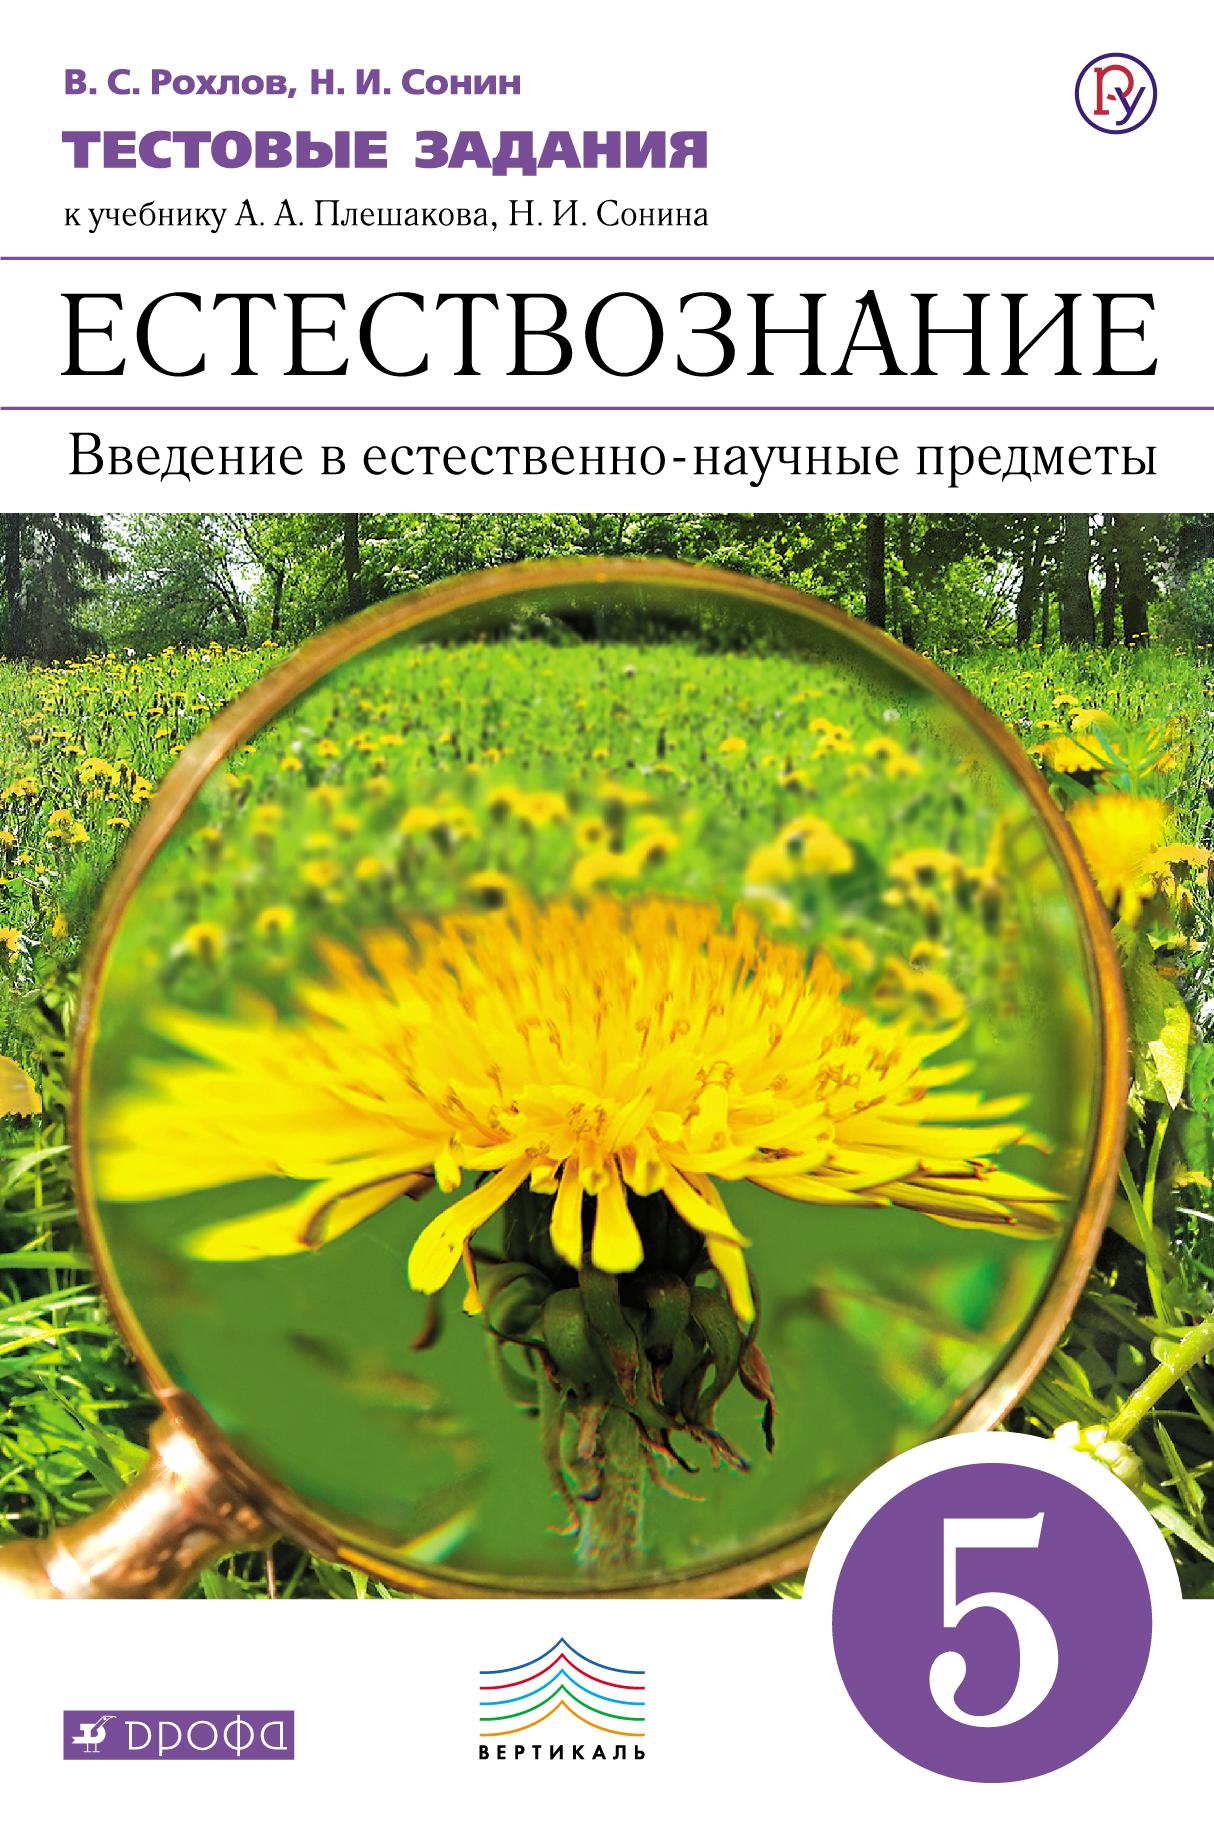 Естествознание.Введение в естест-научные пред. 5 класс.Тестовые задания(синий)